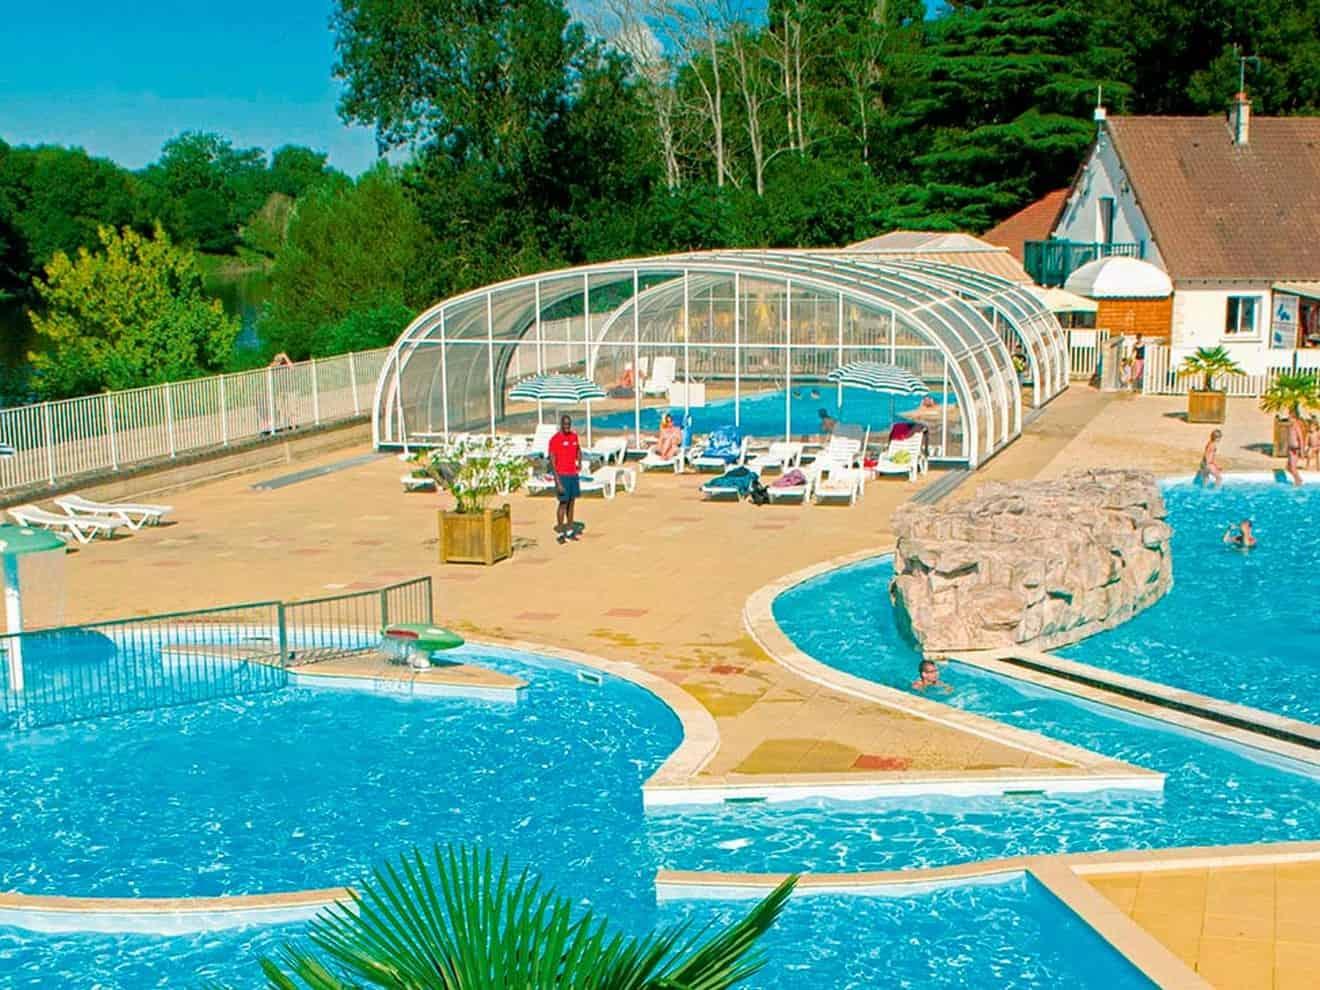 Vos Vacances En Touraine, En Camping Au Bord De La Piscine ... à Piscine Chateau Renault